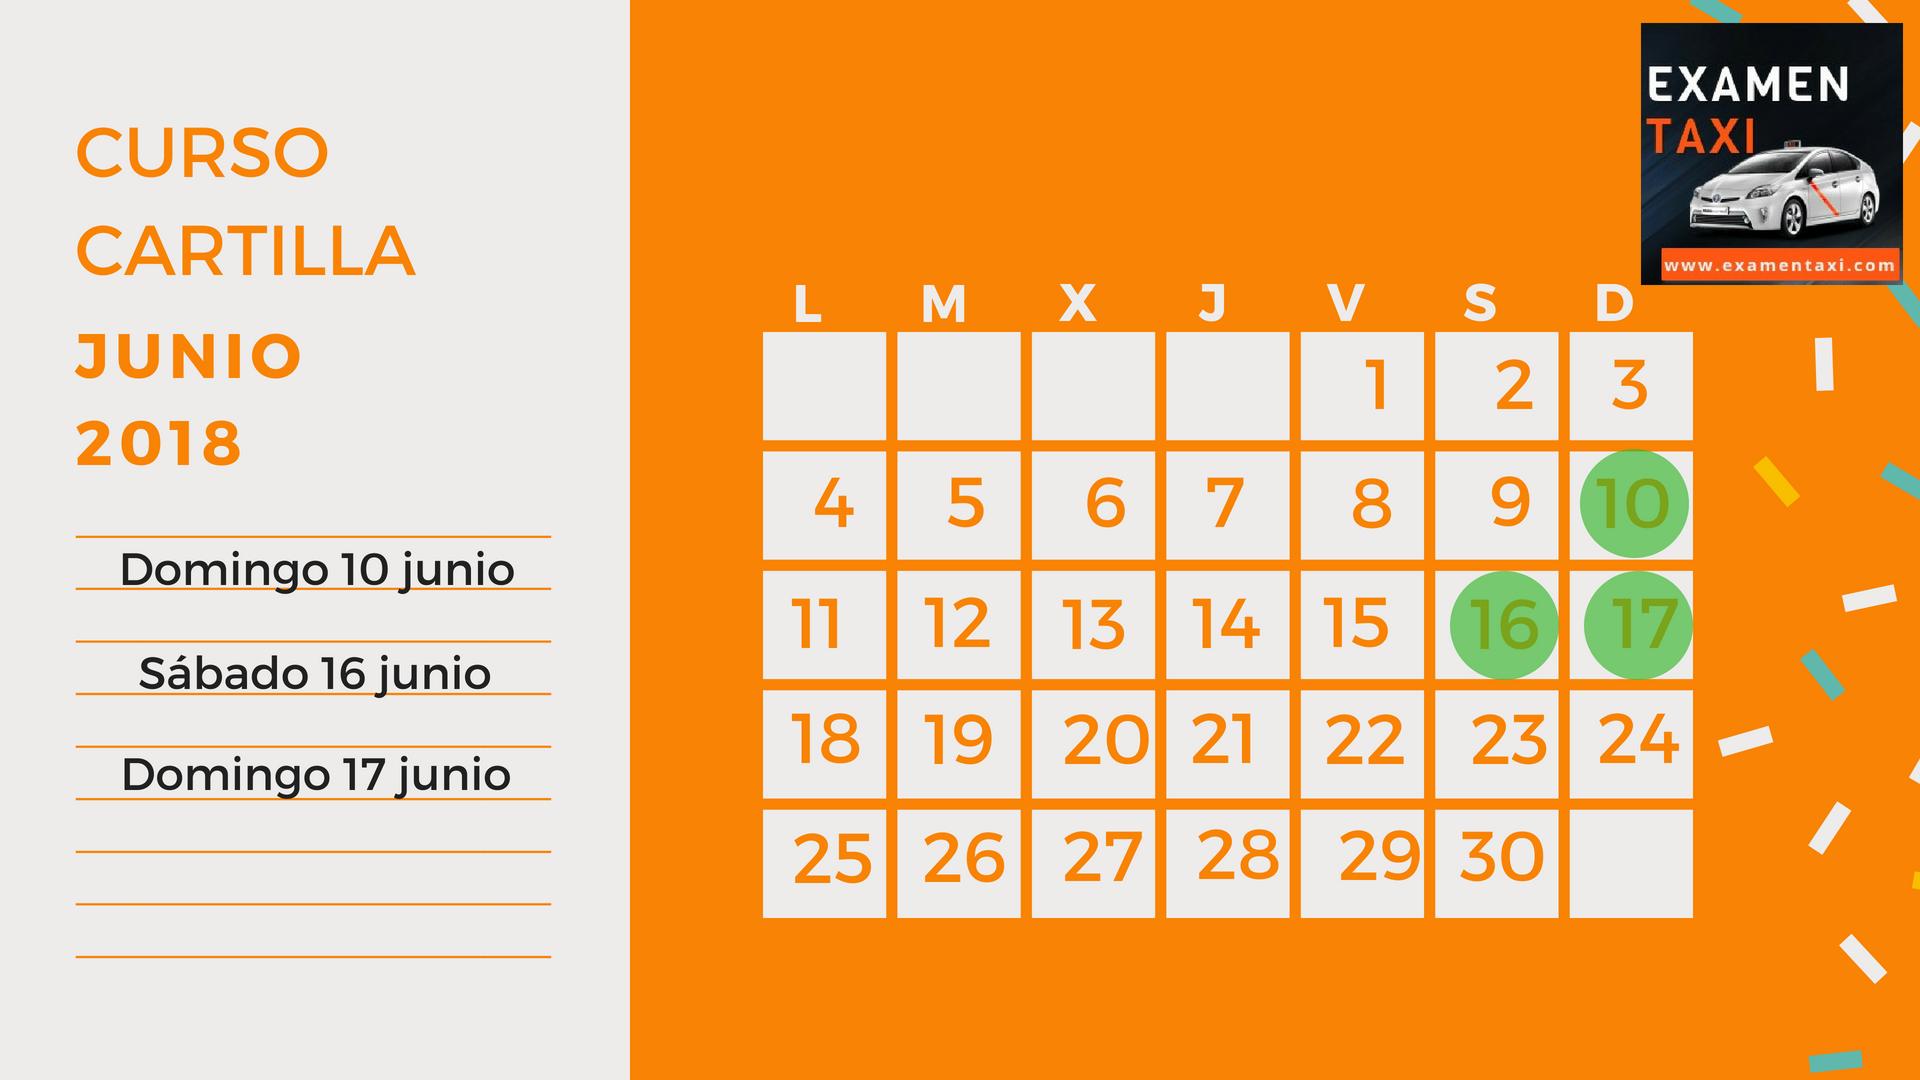 Calendario Curso Cartilla Junio 2018